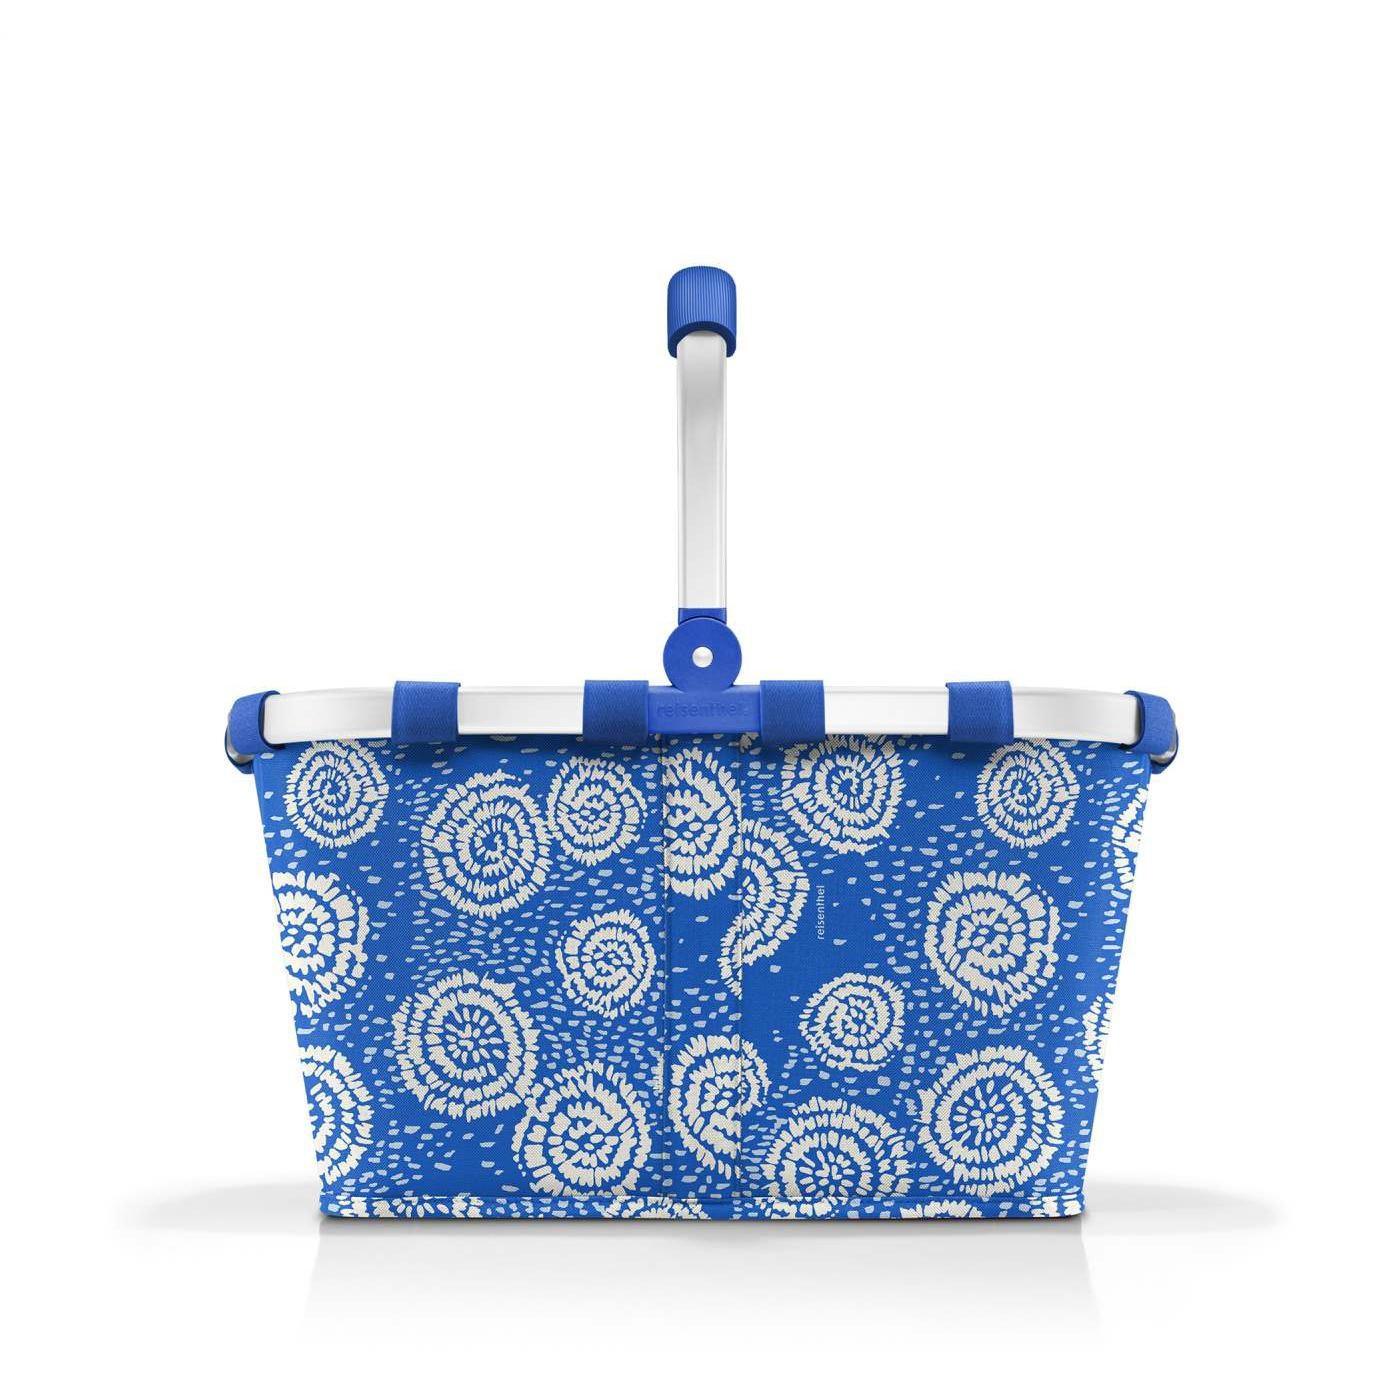 Nákupní košík Carrybag batik strong blue_2